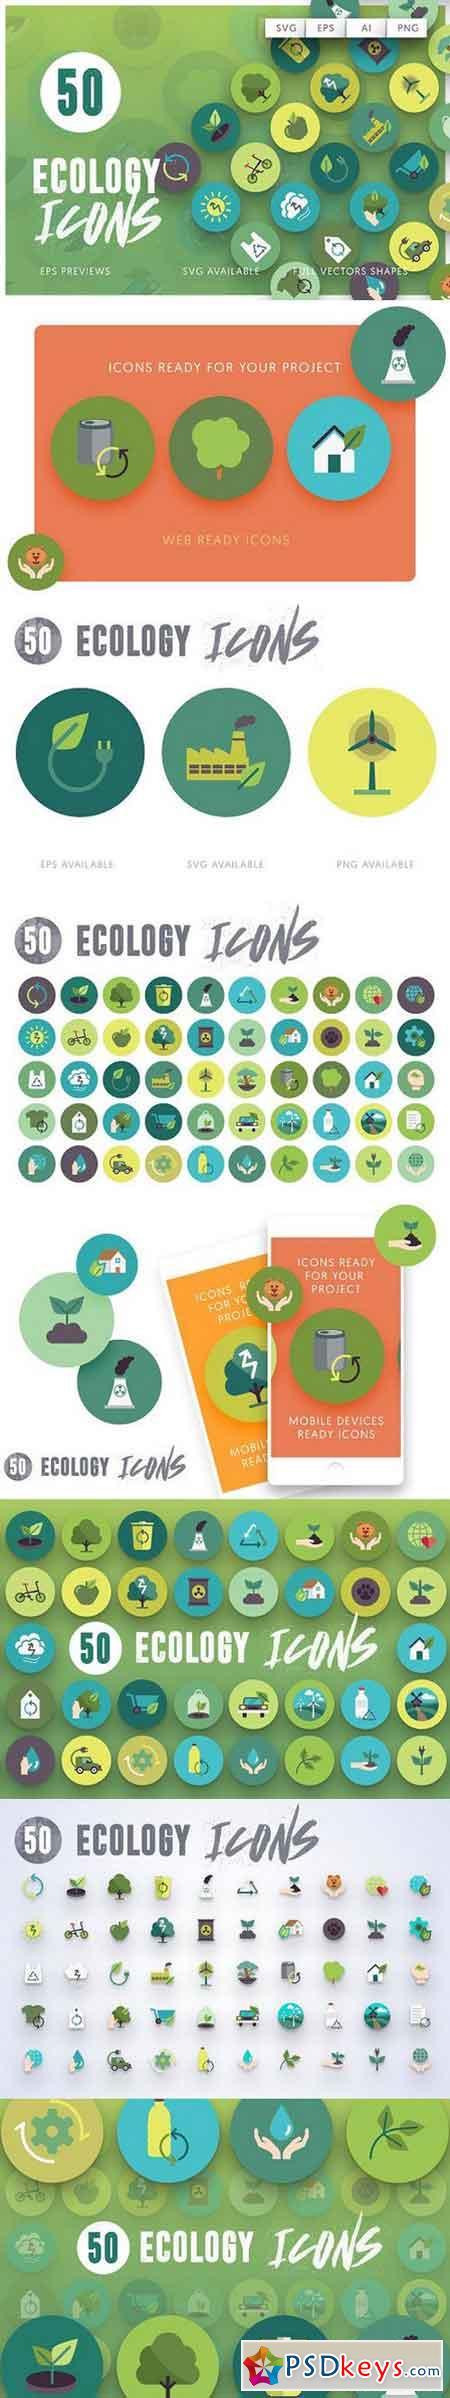 50 Ecology Icons 1383705